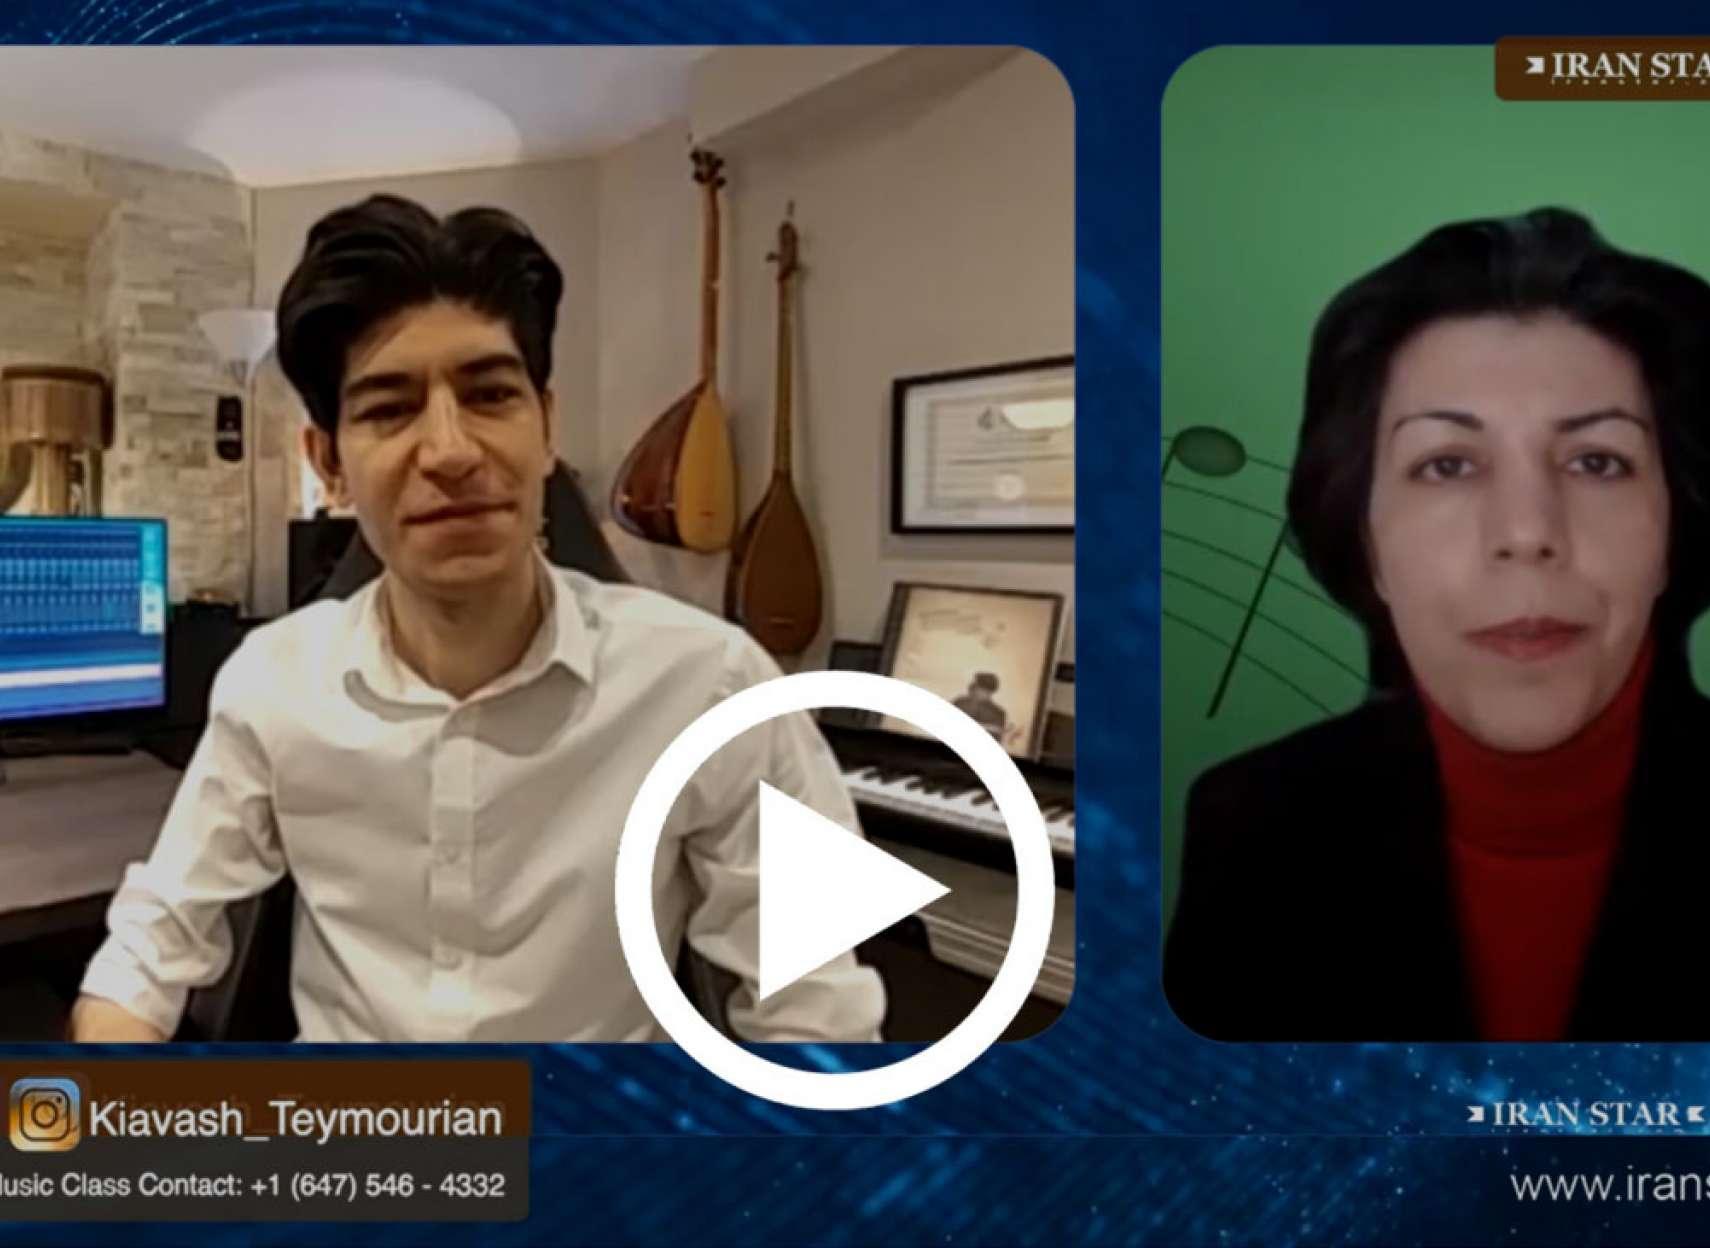 مصاحبه با کیاوش تیموریان مدرس آواز و موسیقی: چگونه از مهندسی عمران به تدریس آواز رسید